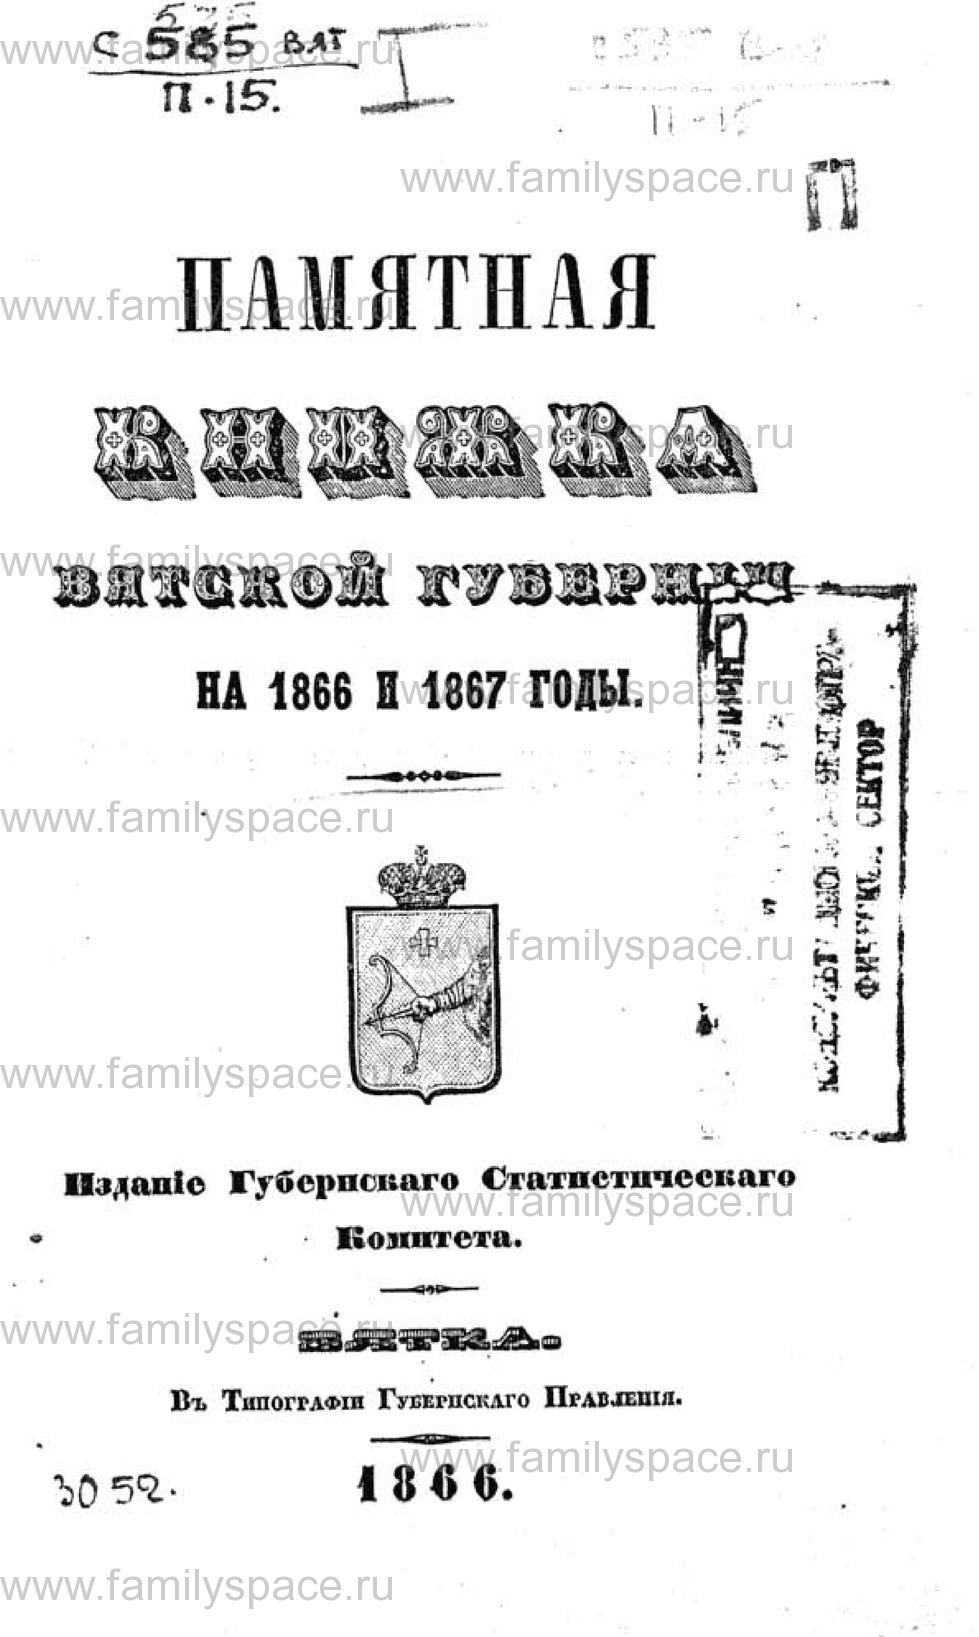 Поиск по фамилии - Памятная книжка Вятской губернии - 1866 и 1867, страница 1